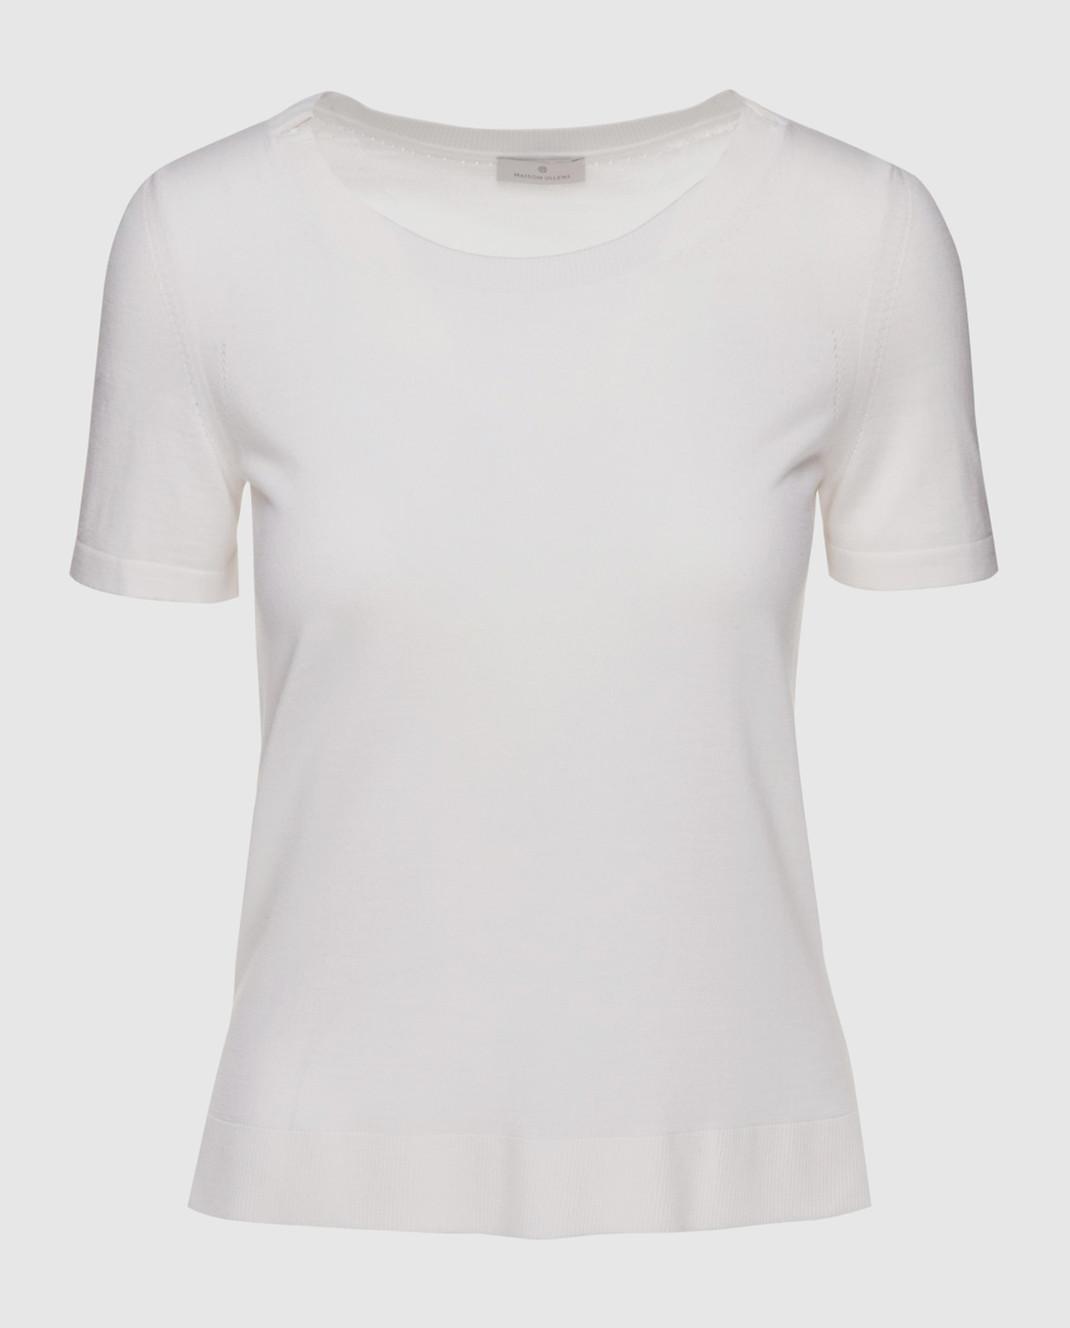 Maison Ullens Белый джемпер из кашемира и шелка TSS018